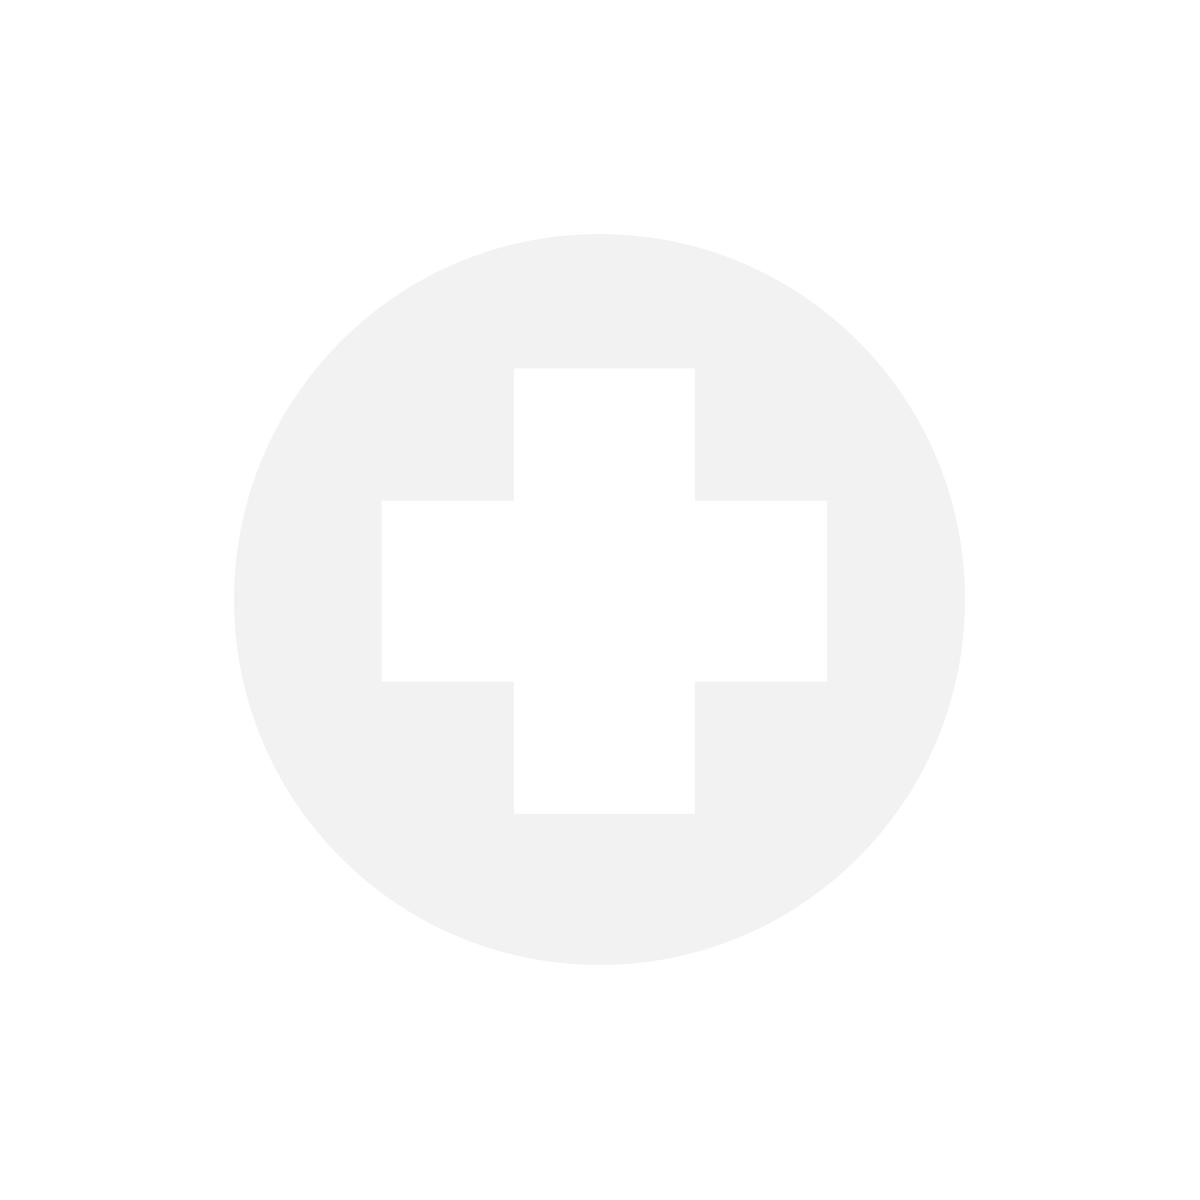 Plateforme inclinée réglable pour exercices avec ceinture russe